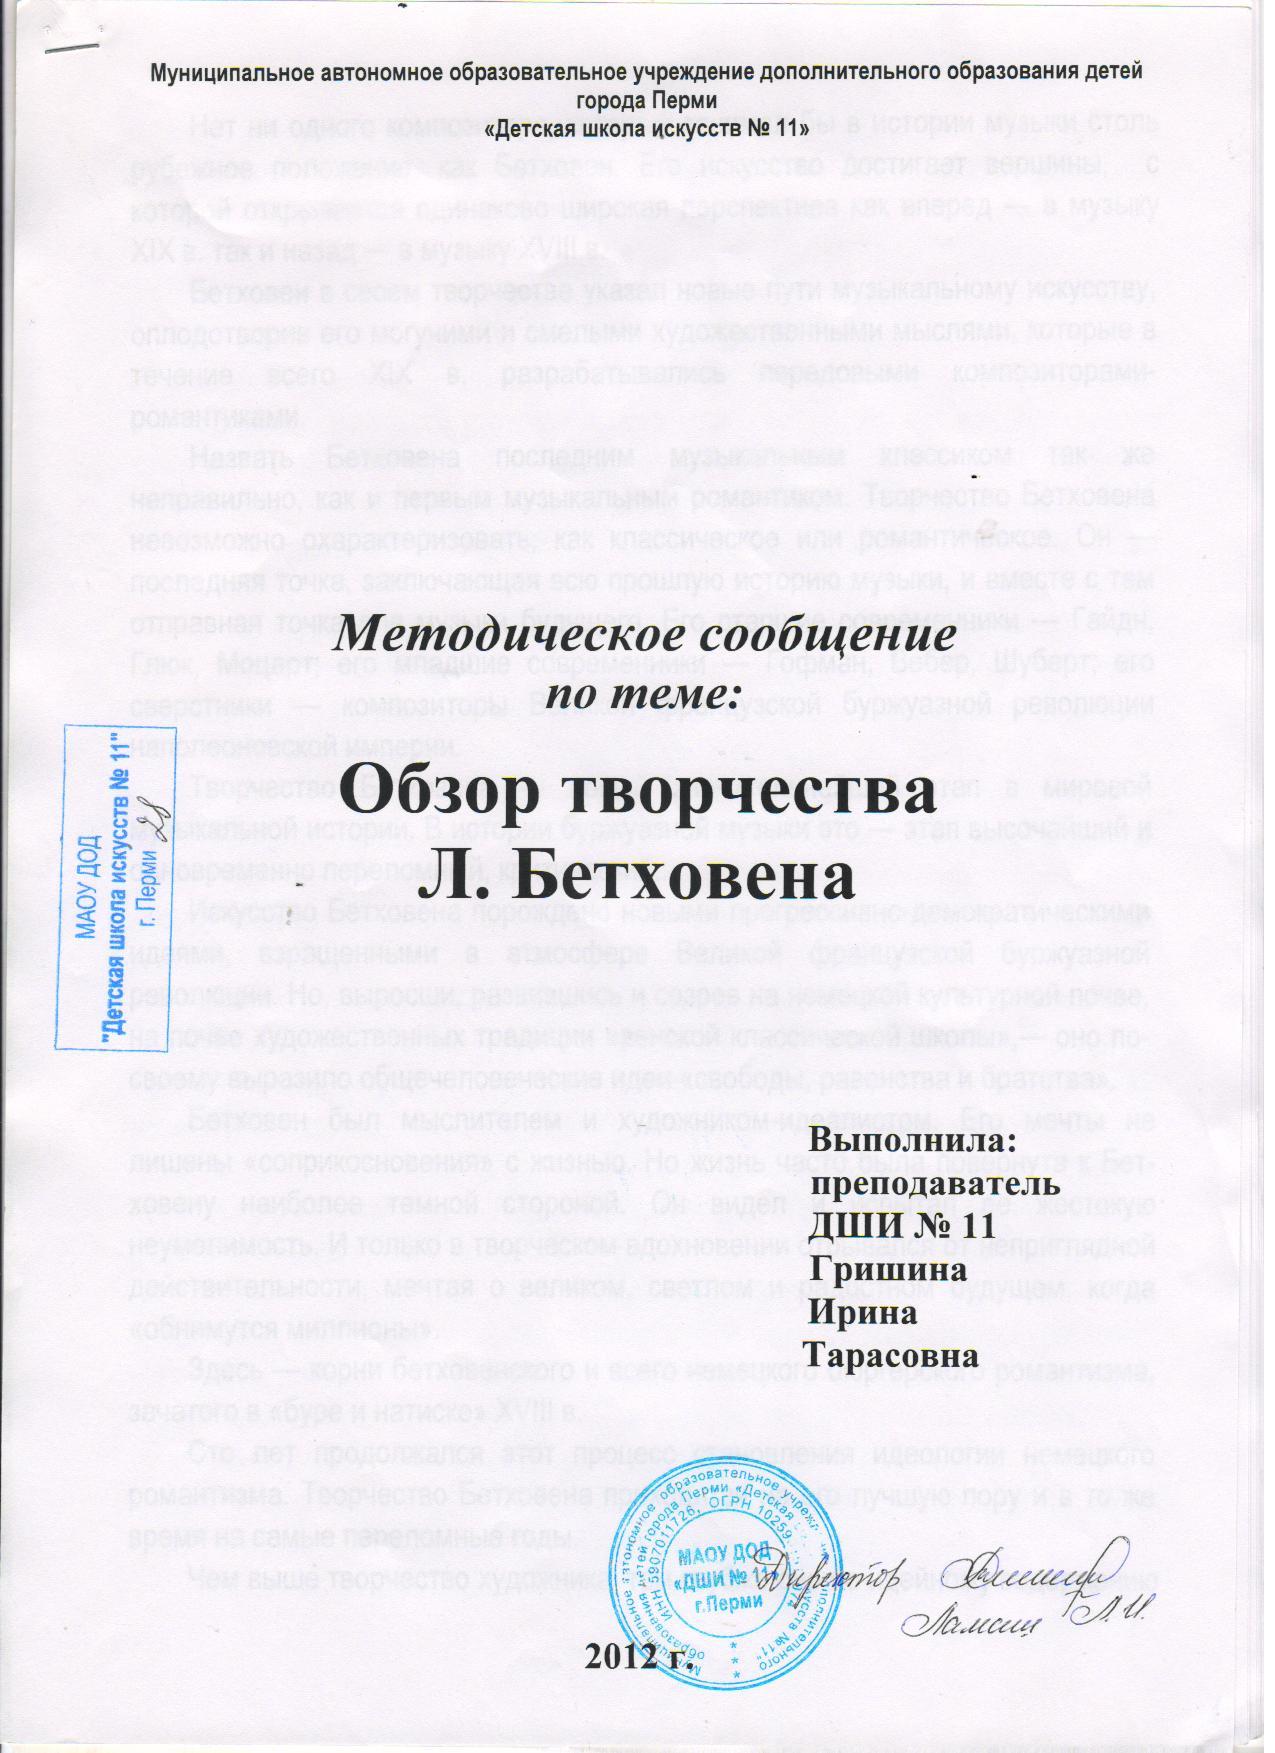 C:\Documents and Settings\Учитель\Рабочий стол\творчество Бетховена 1.jpg